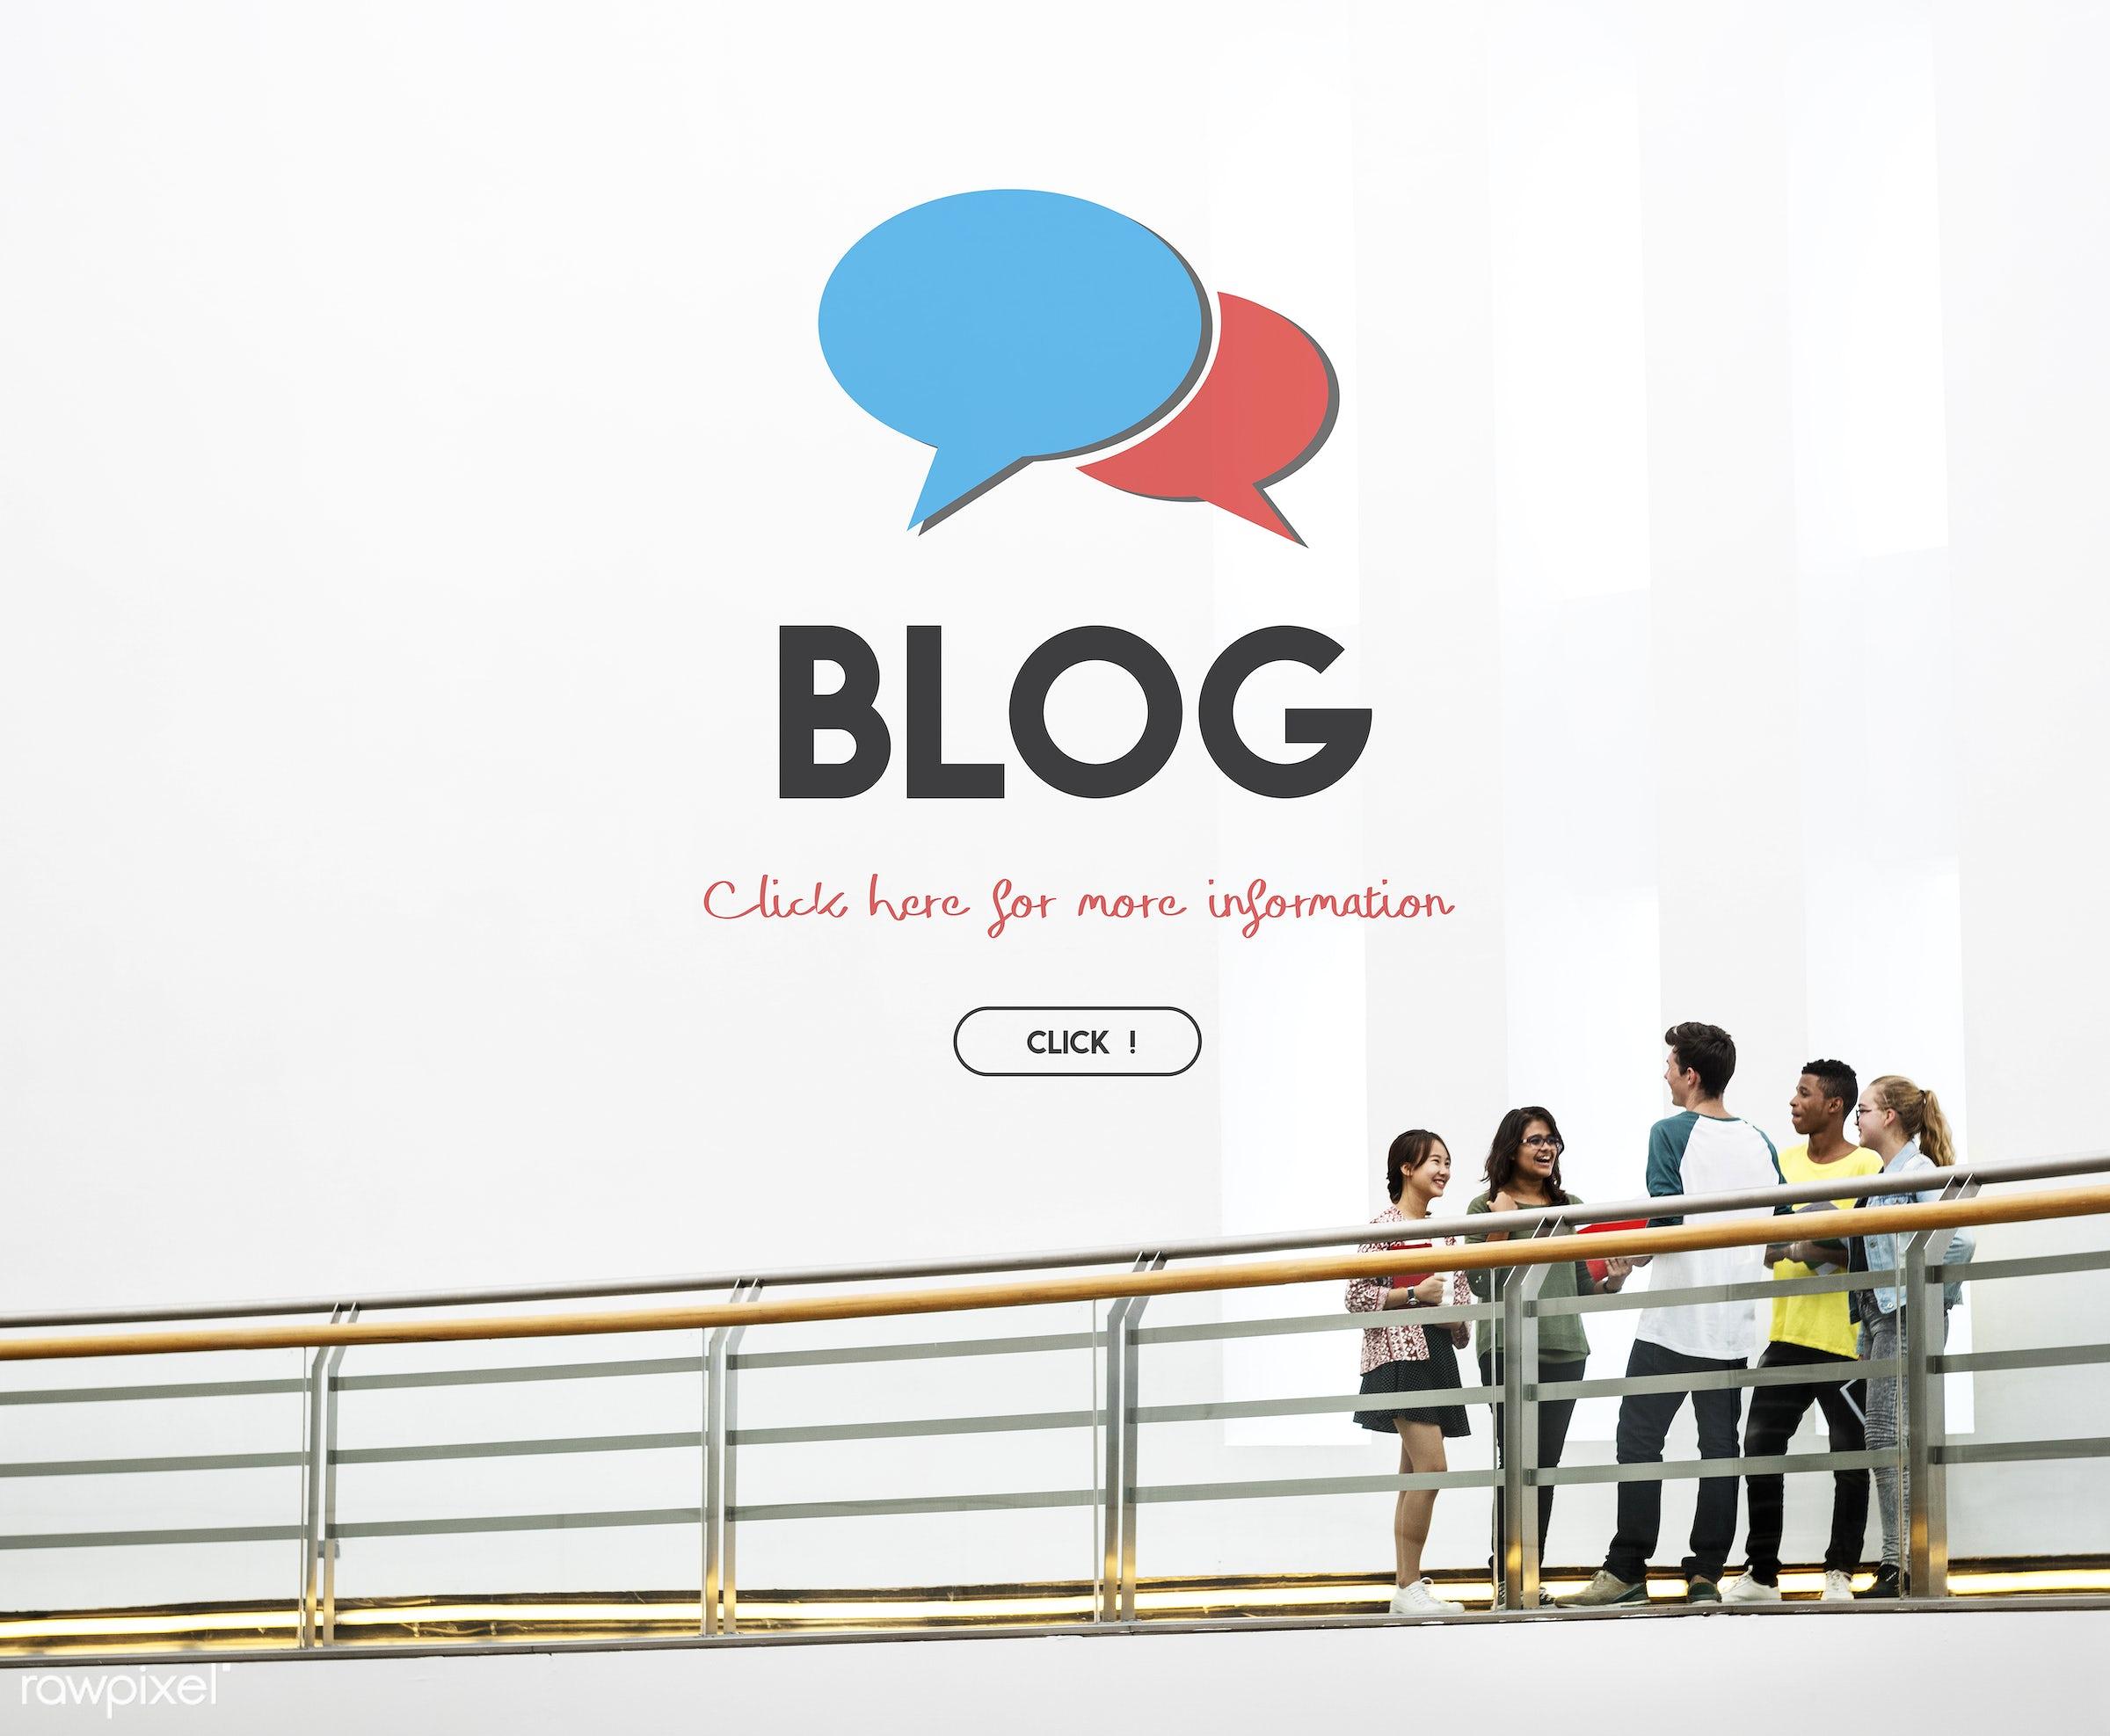 carrying, blog, book, books, boy, bridge, chat, communication, community, connection, conversation, friends, friendship,...